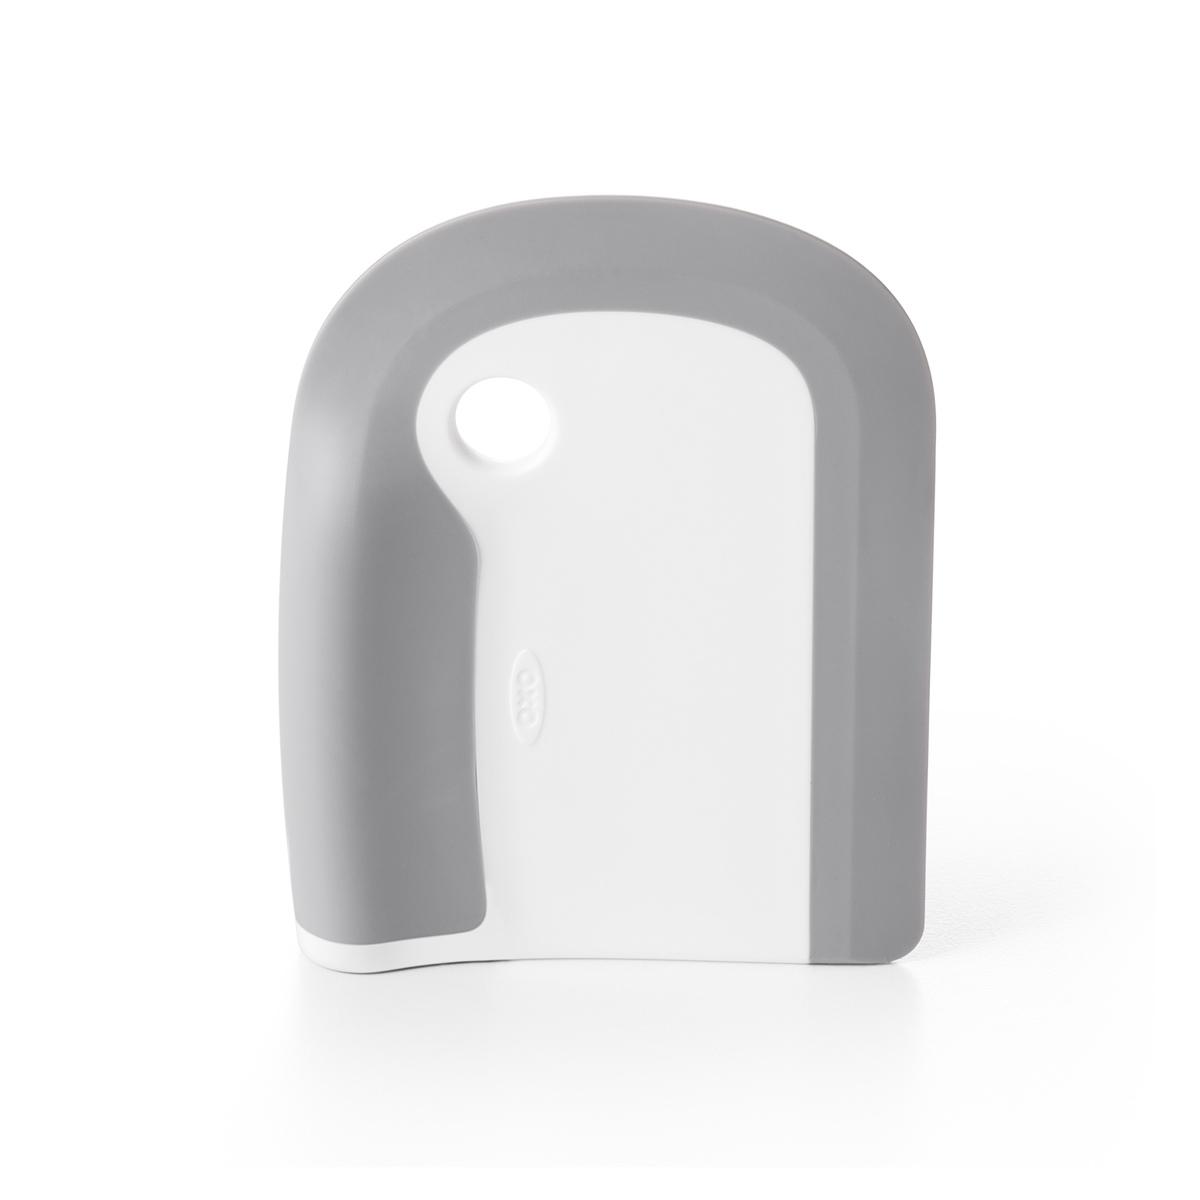 Онлайн каталог PROMENU: Скребок для посуды OXO CLEANING, белый                                   12237300